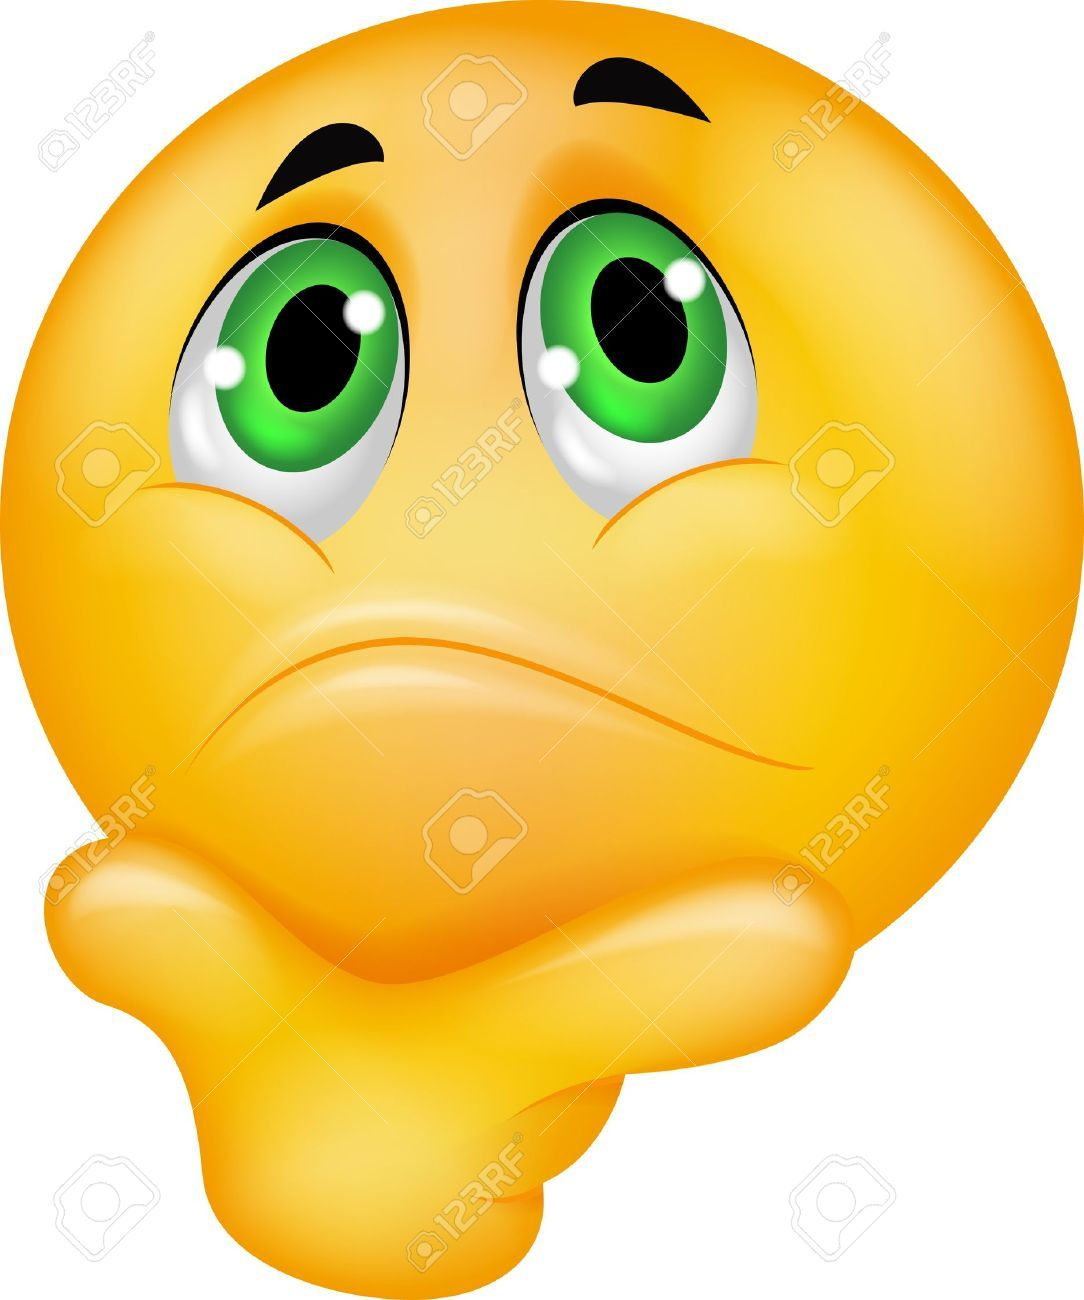 Emoticon Smiley Thinking Roya - Confused Emoticon